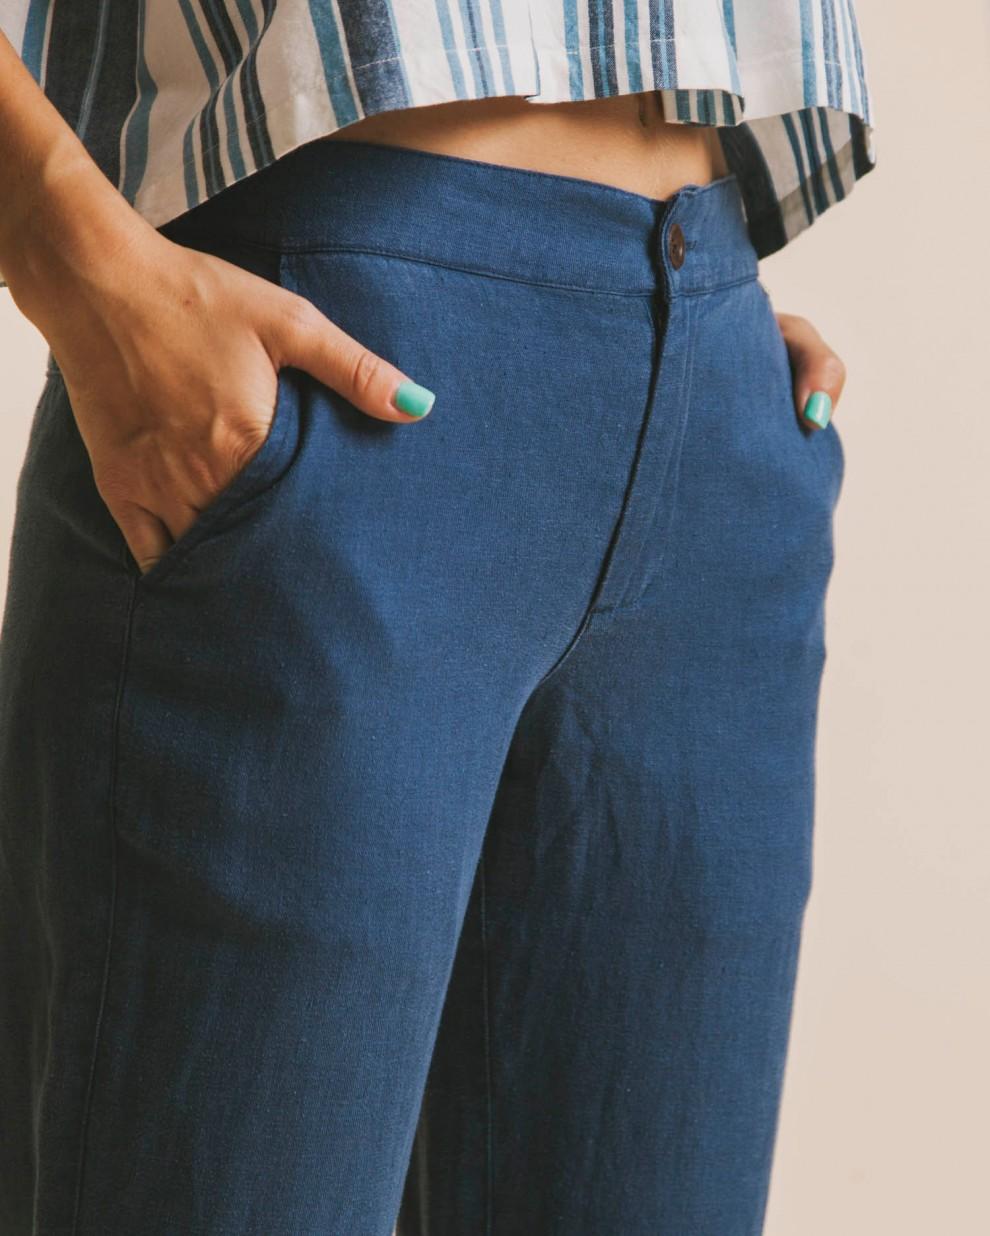 pantalon-blue-hemp-dafne